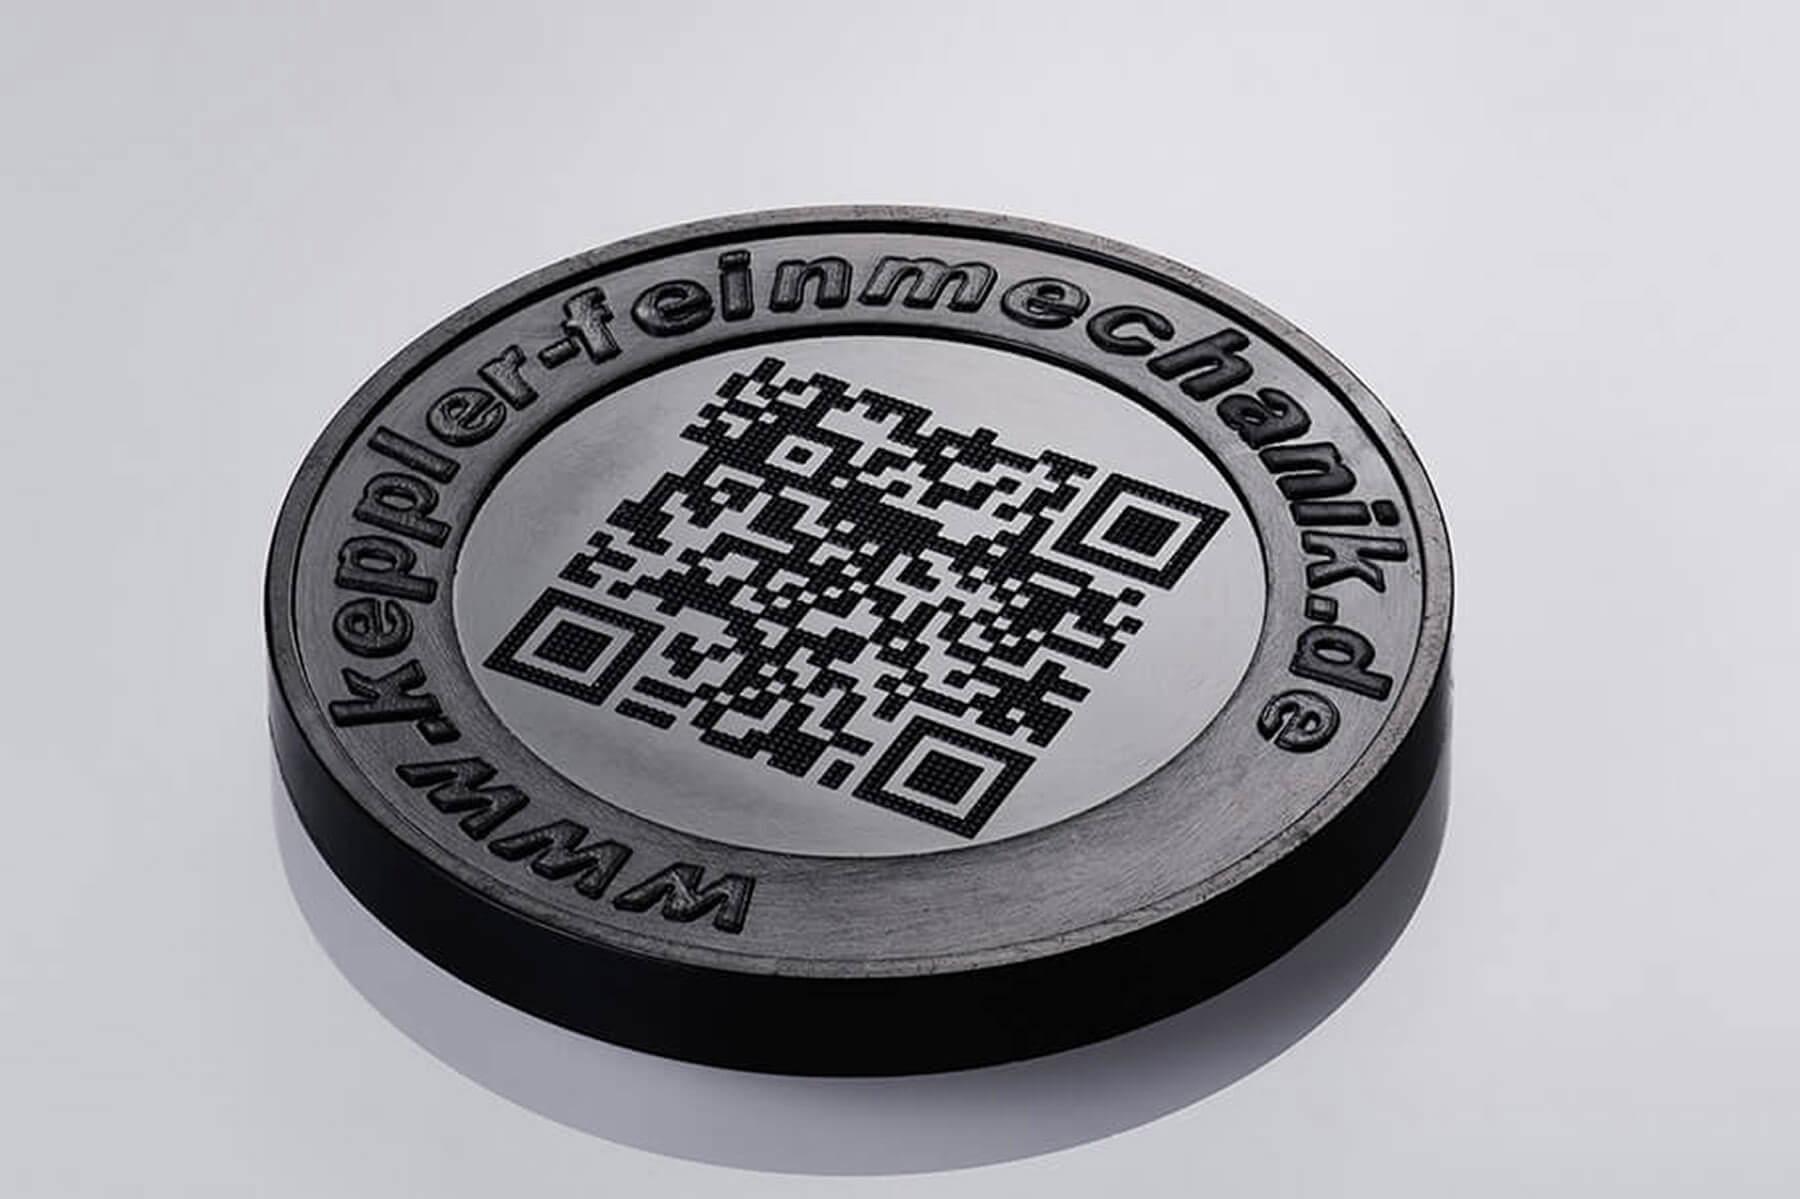 Kunststoff-Münze mit scanbarem QR-Code dank Ultrakurzpulslaser